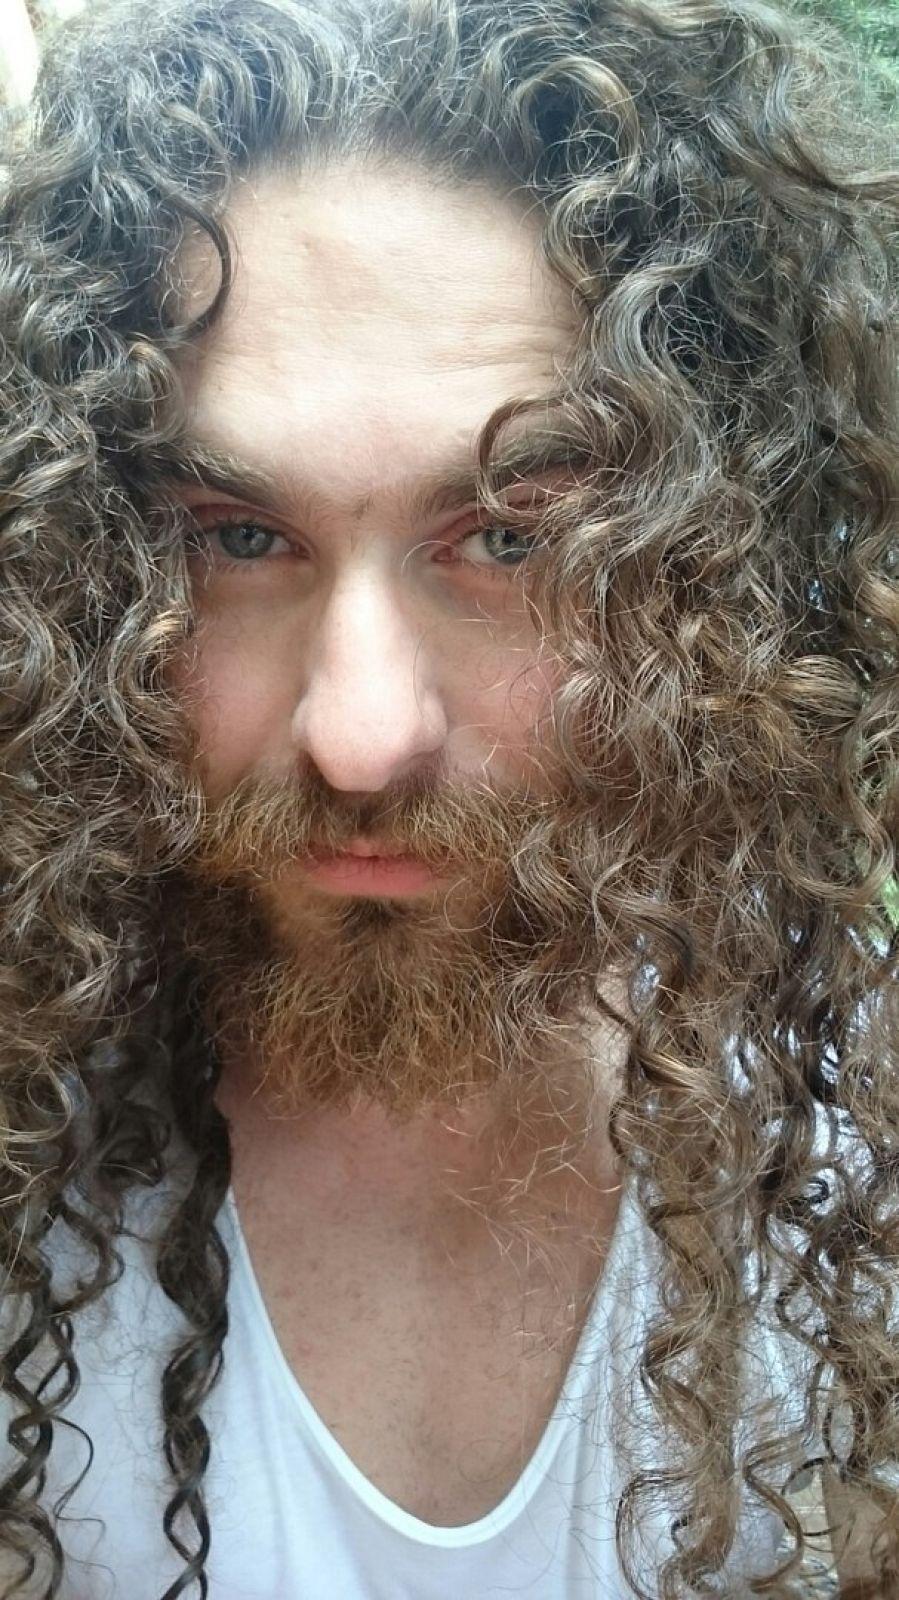 Михаил не пользуется никакими средствами для волос, фенами, даже расчёсывается два раза в неделю: больше его волосам просто не нужно.